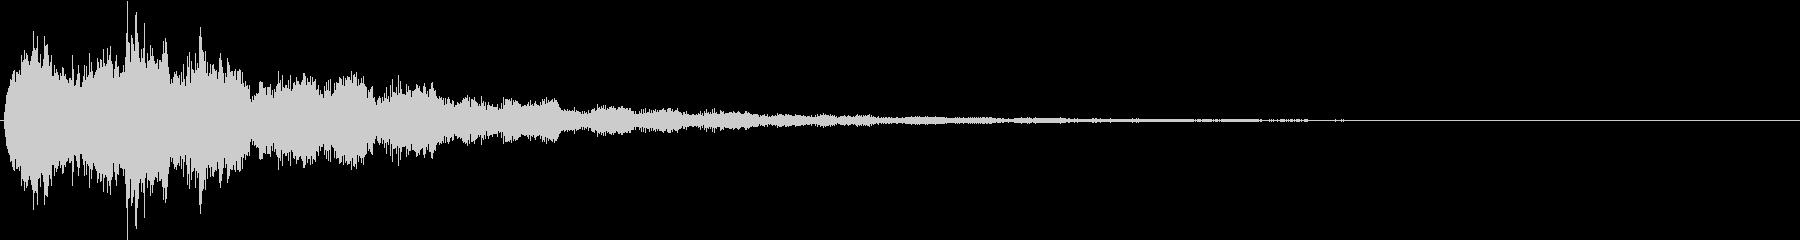 魔法テロップ23_キラキラファンタジー音の未再生の波形